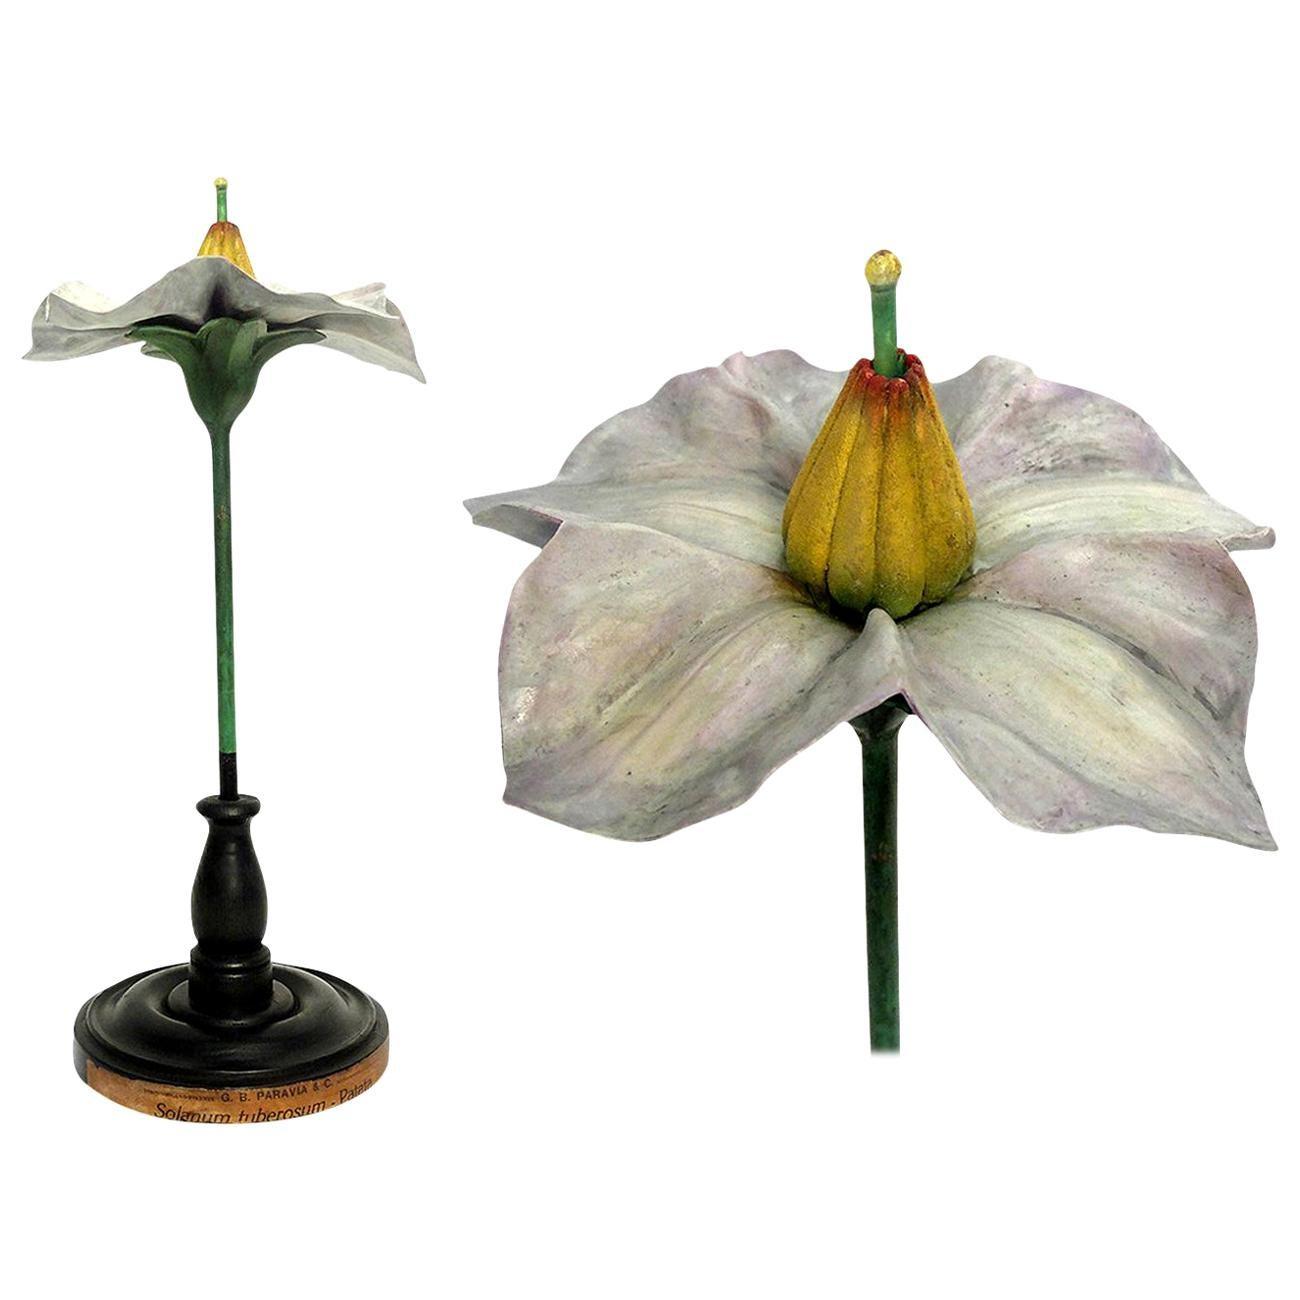 Botanic Flower Model, Milan Paravia, circa 1900